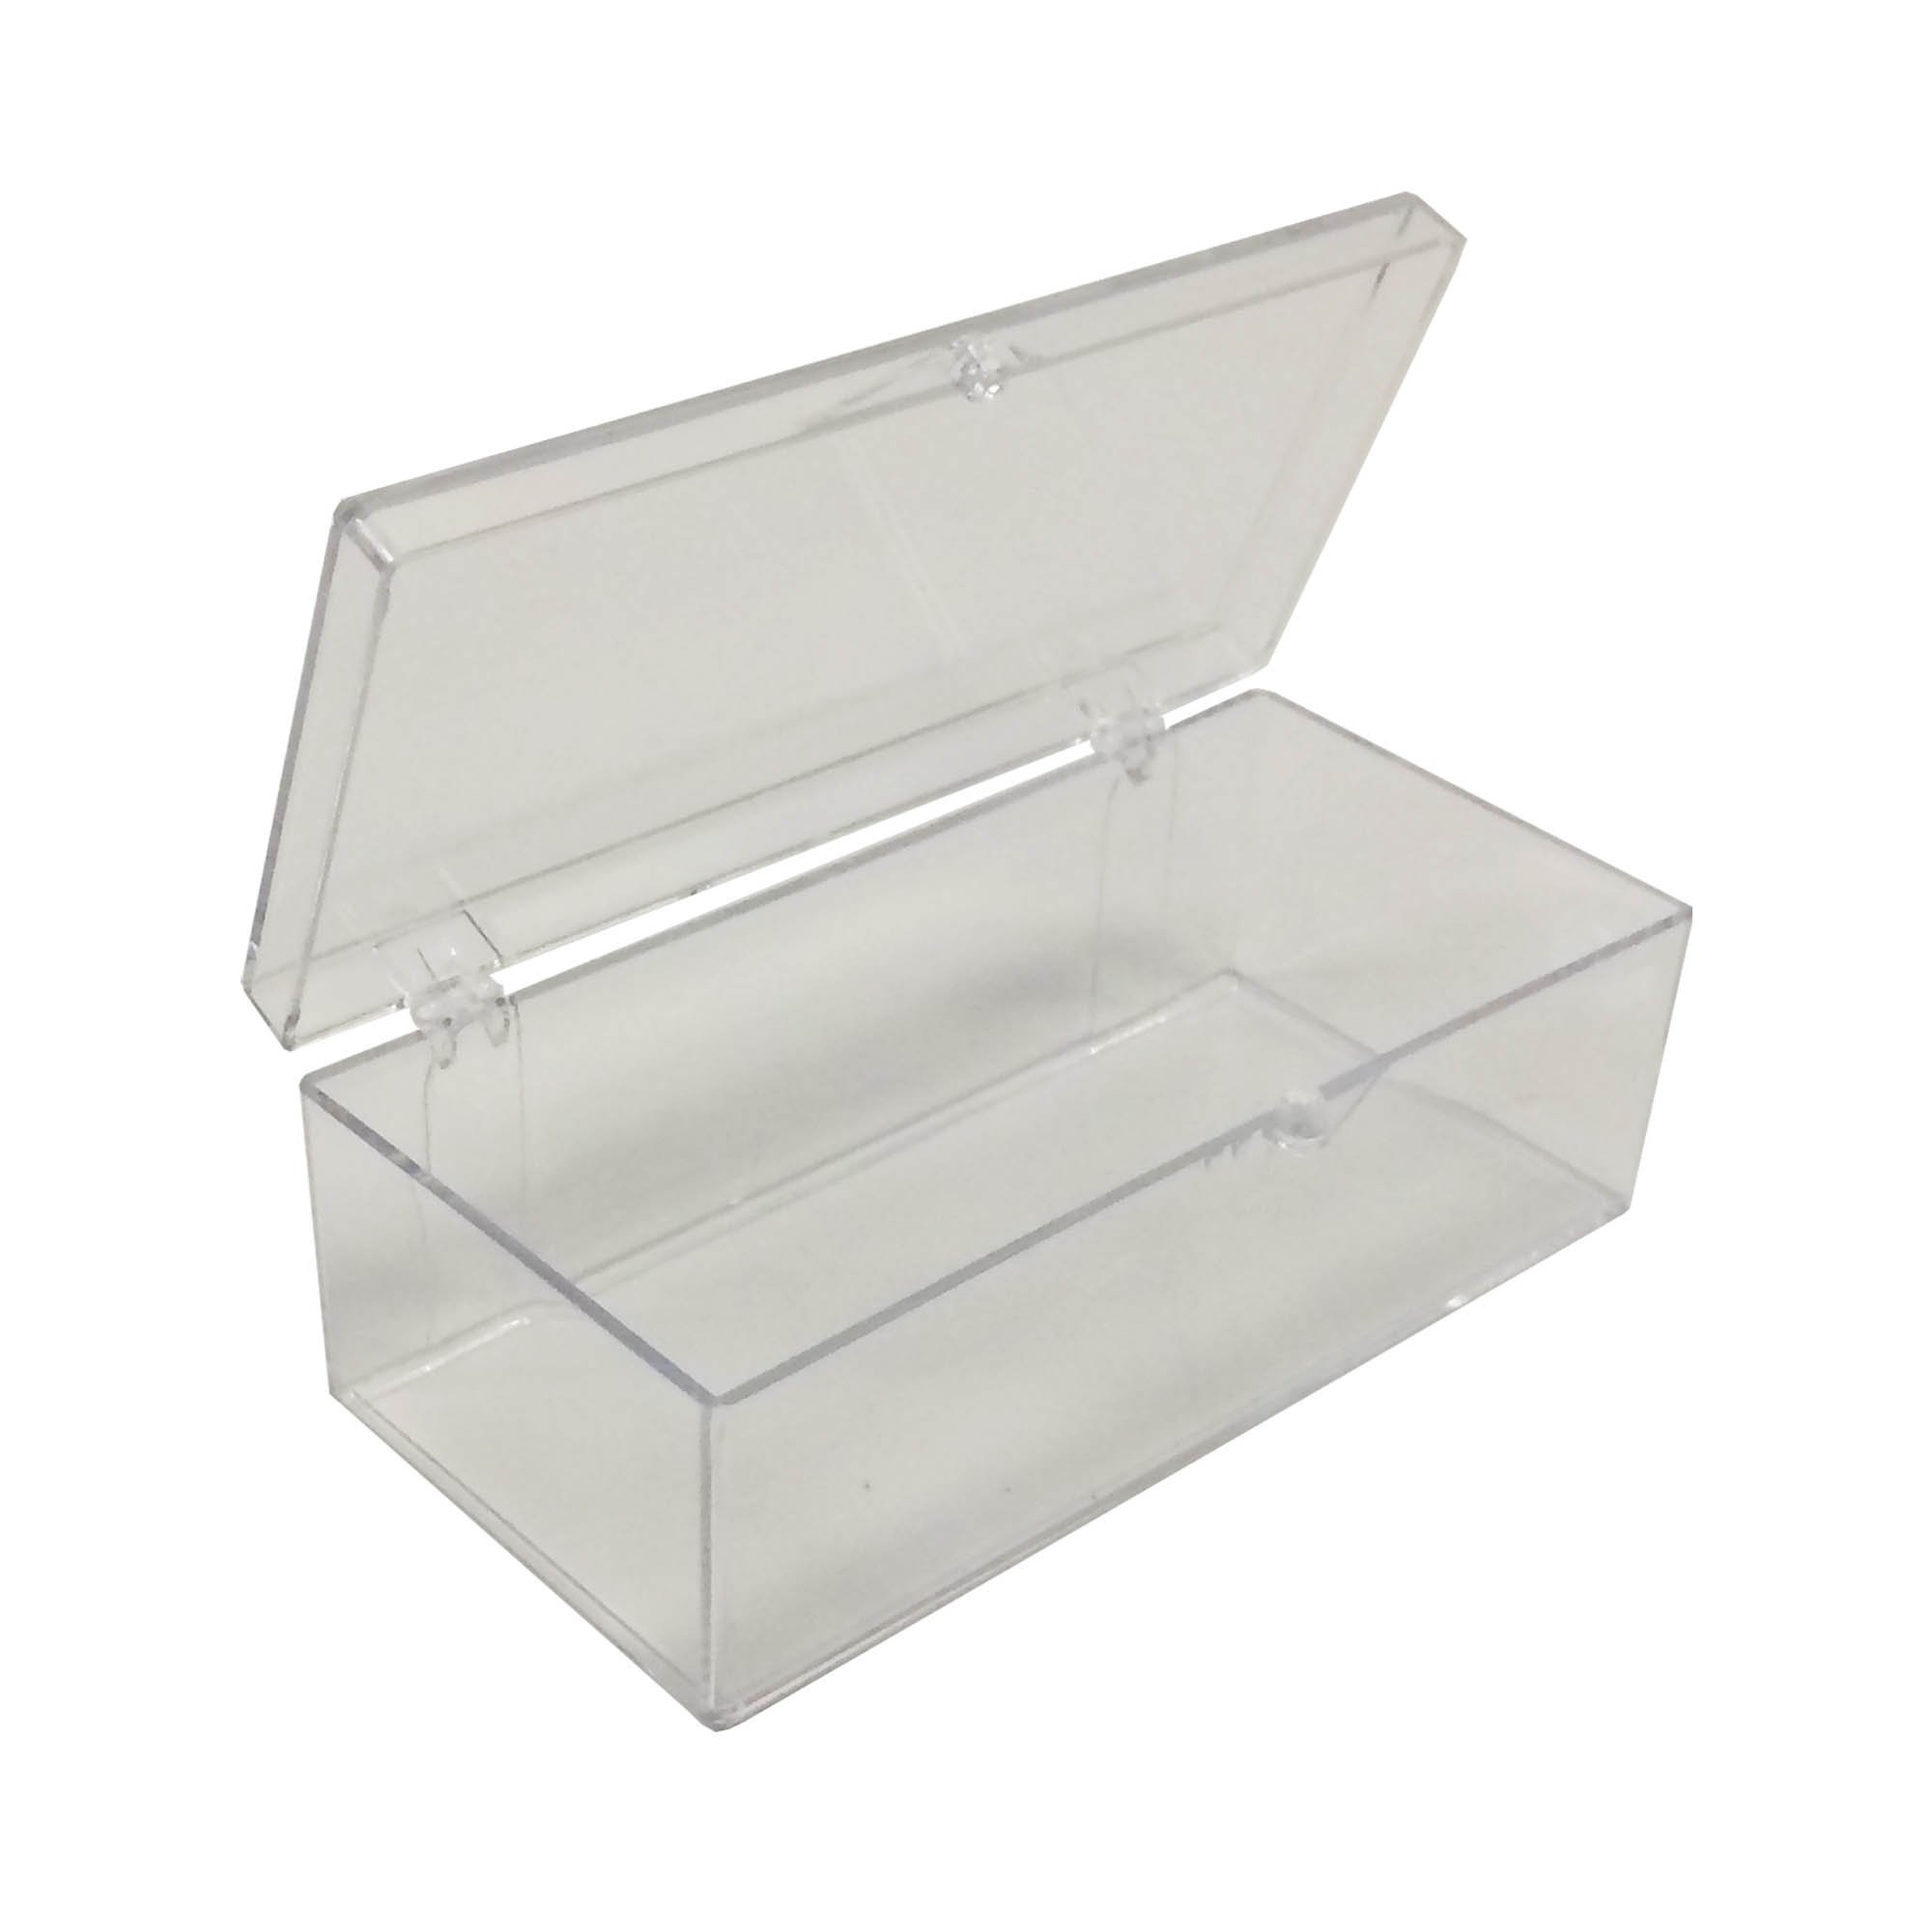 Medium Strip Clear Western Blot Box - 4 3/8